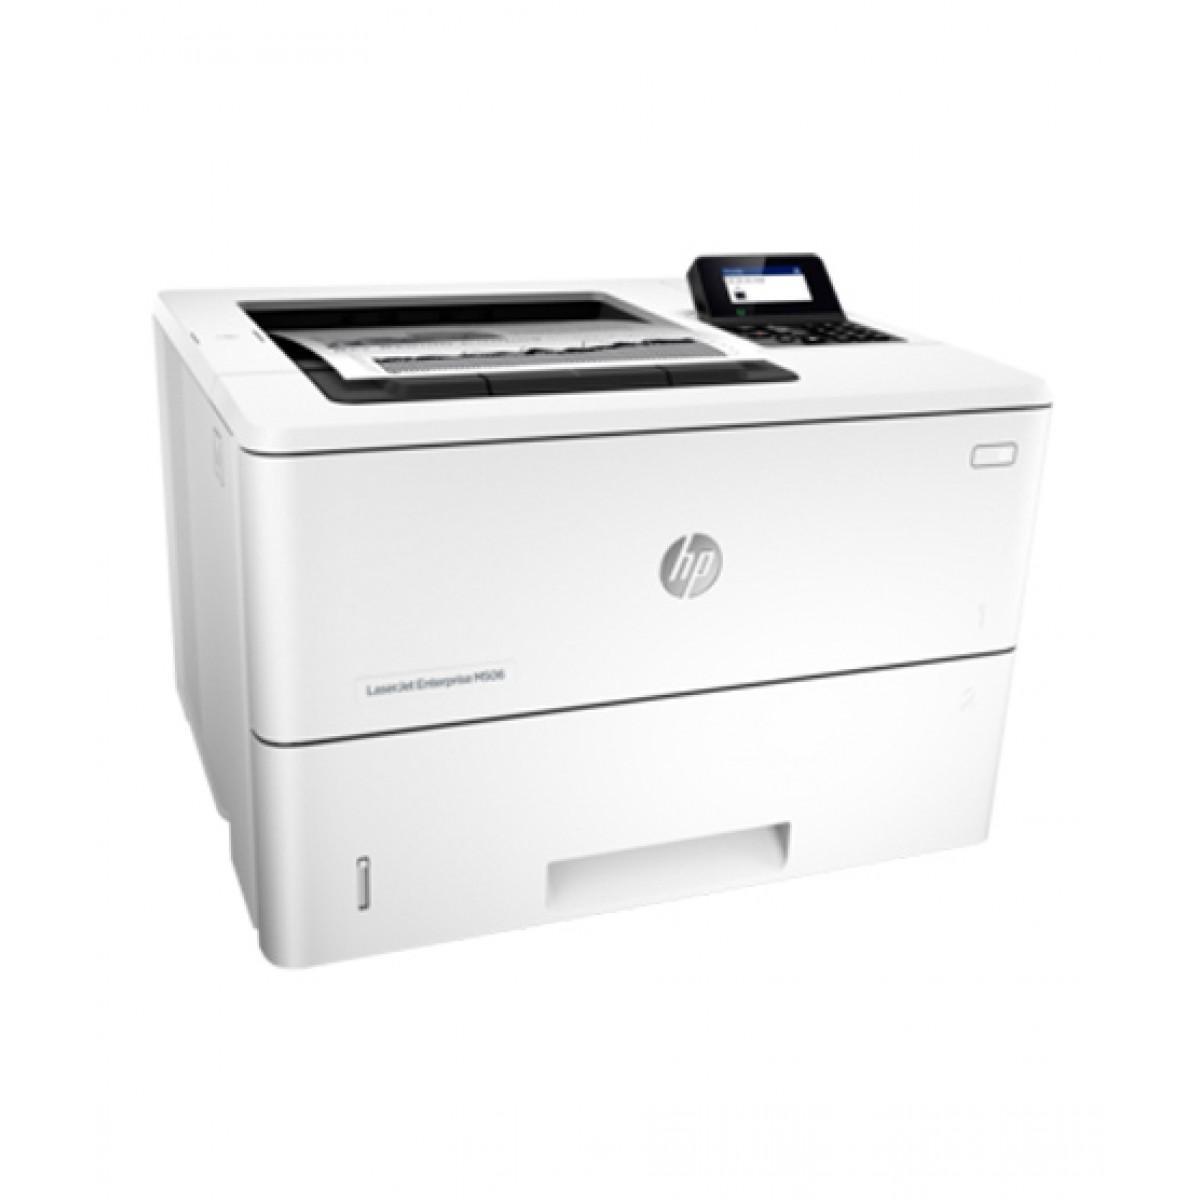 HP LaserJet Enterprise M506dn Printer (F2A69A)